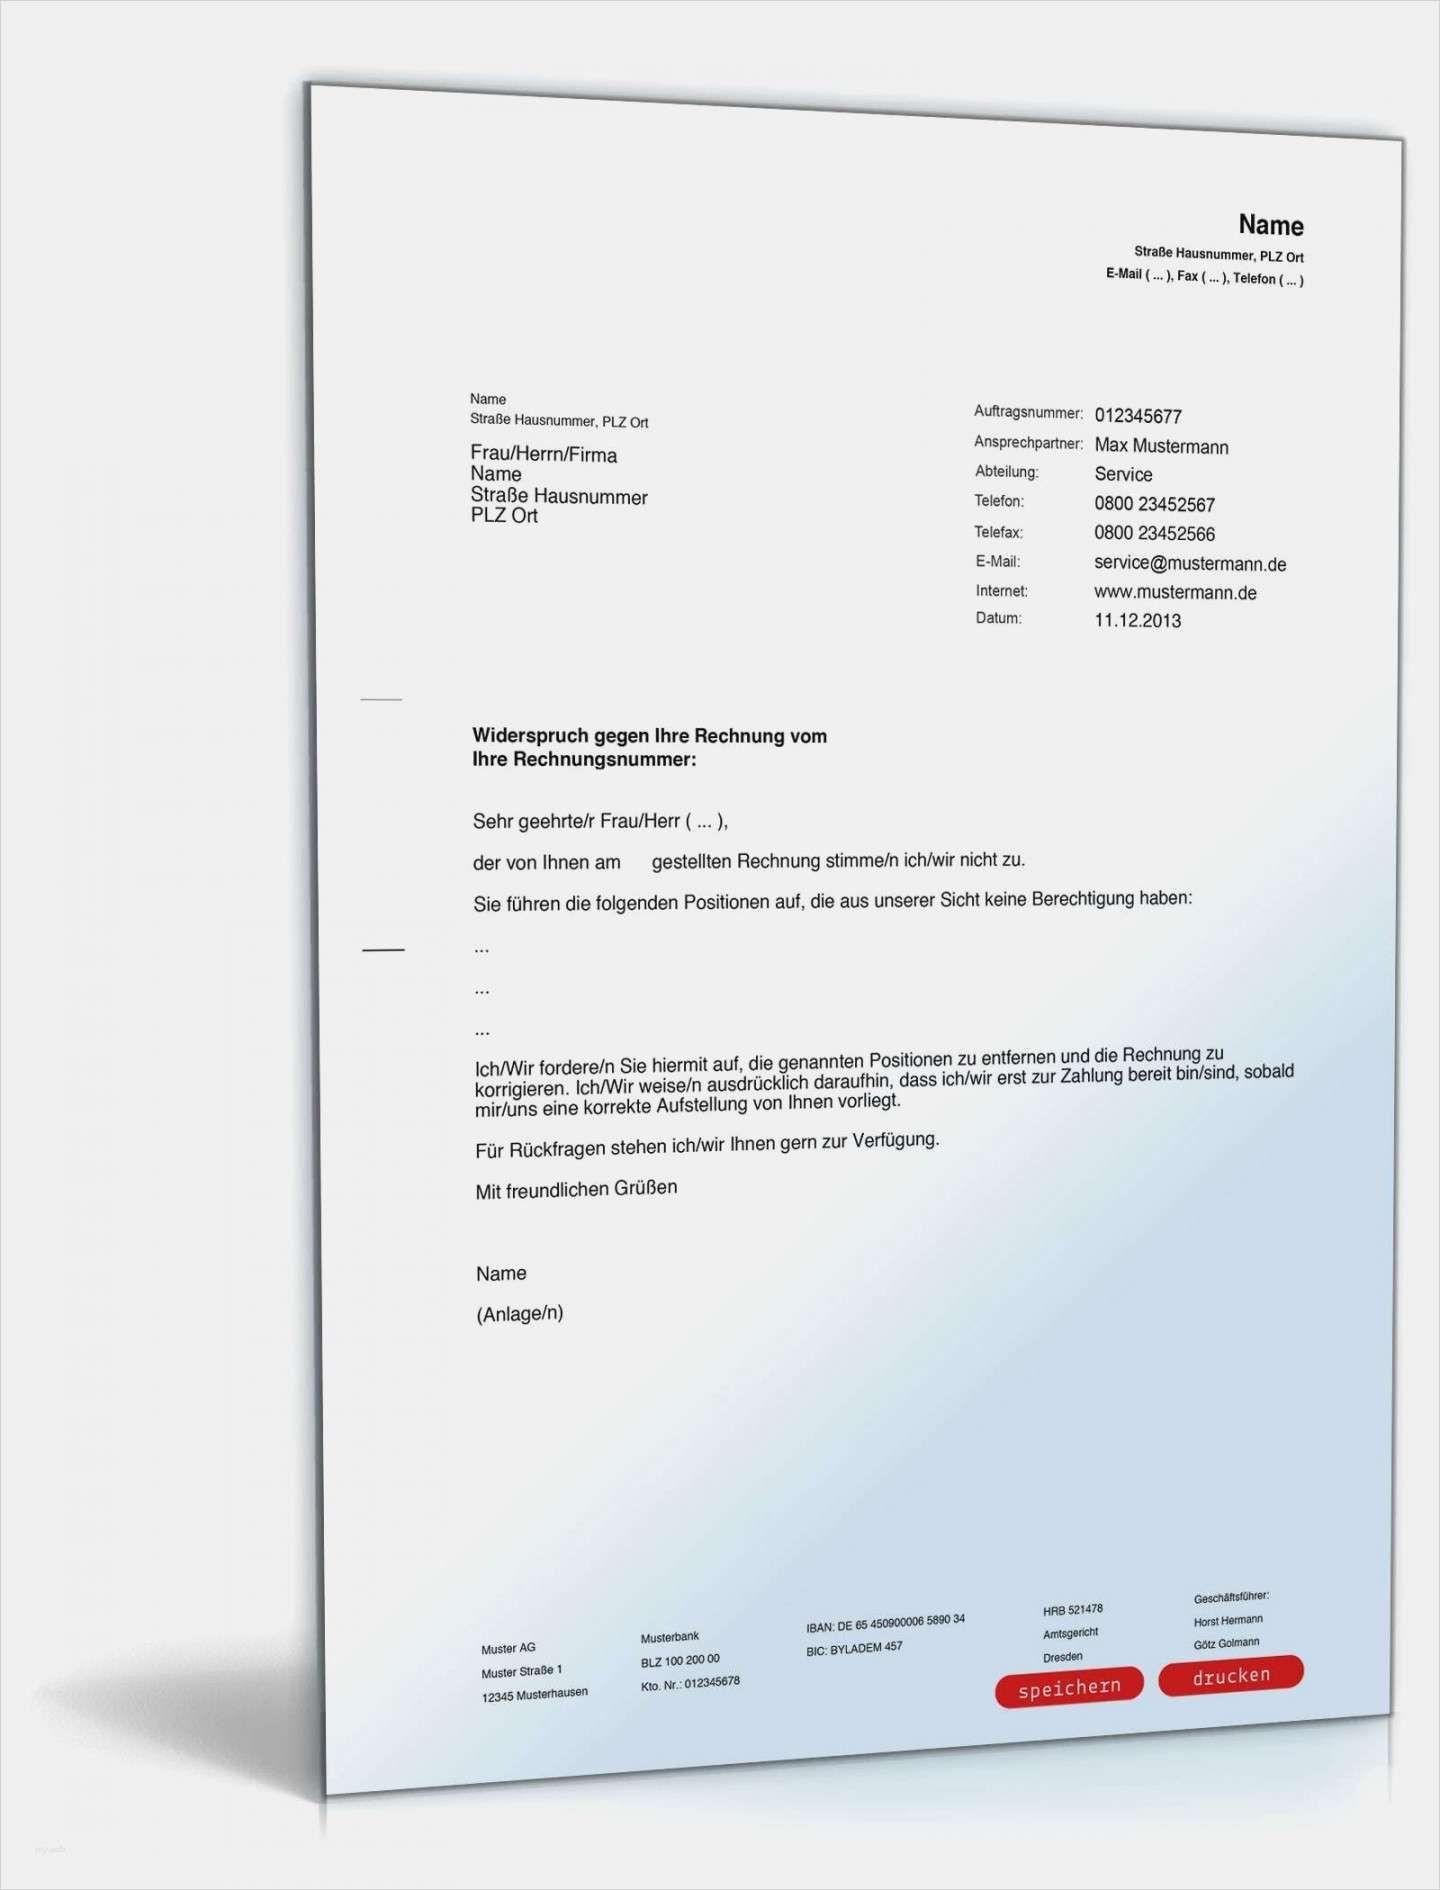 Einfach Vorlage Widerspruch Jobcenter Vorlagen Word Etikettenvorlagen Rechnung Vorlage